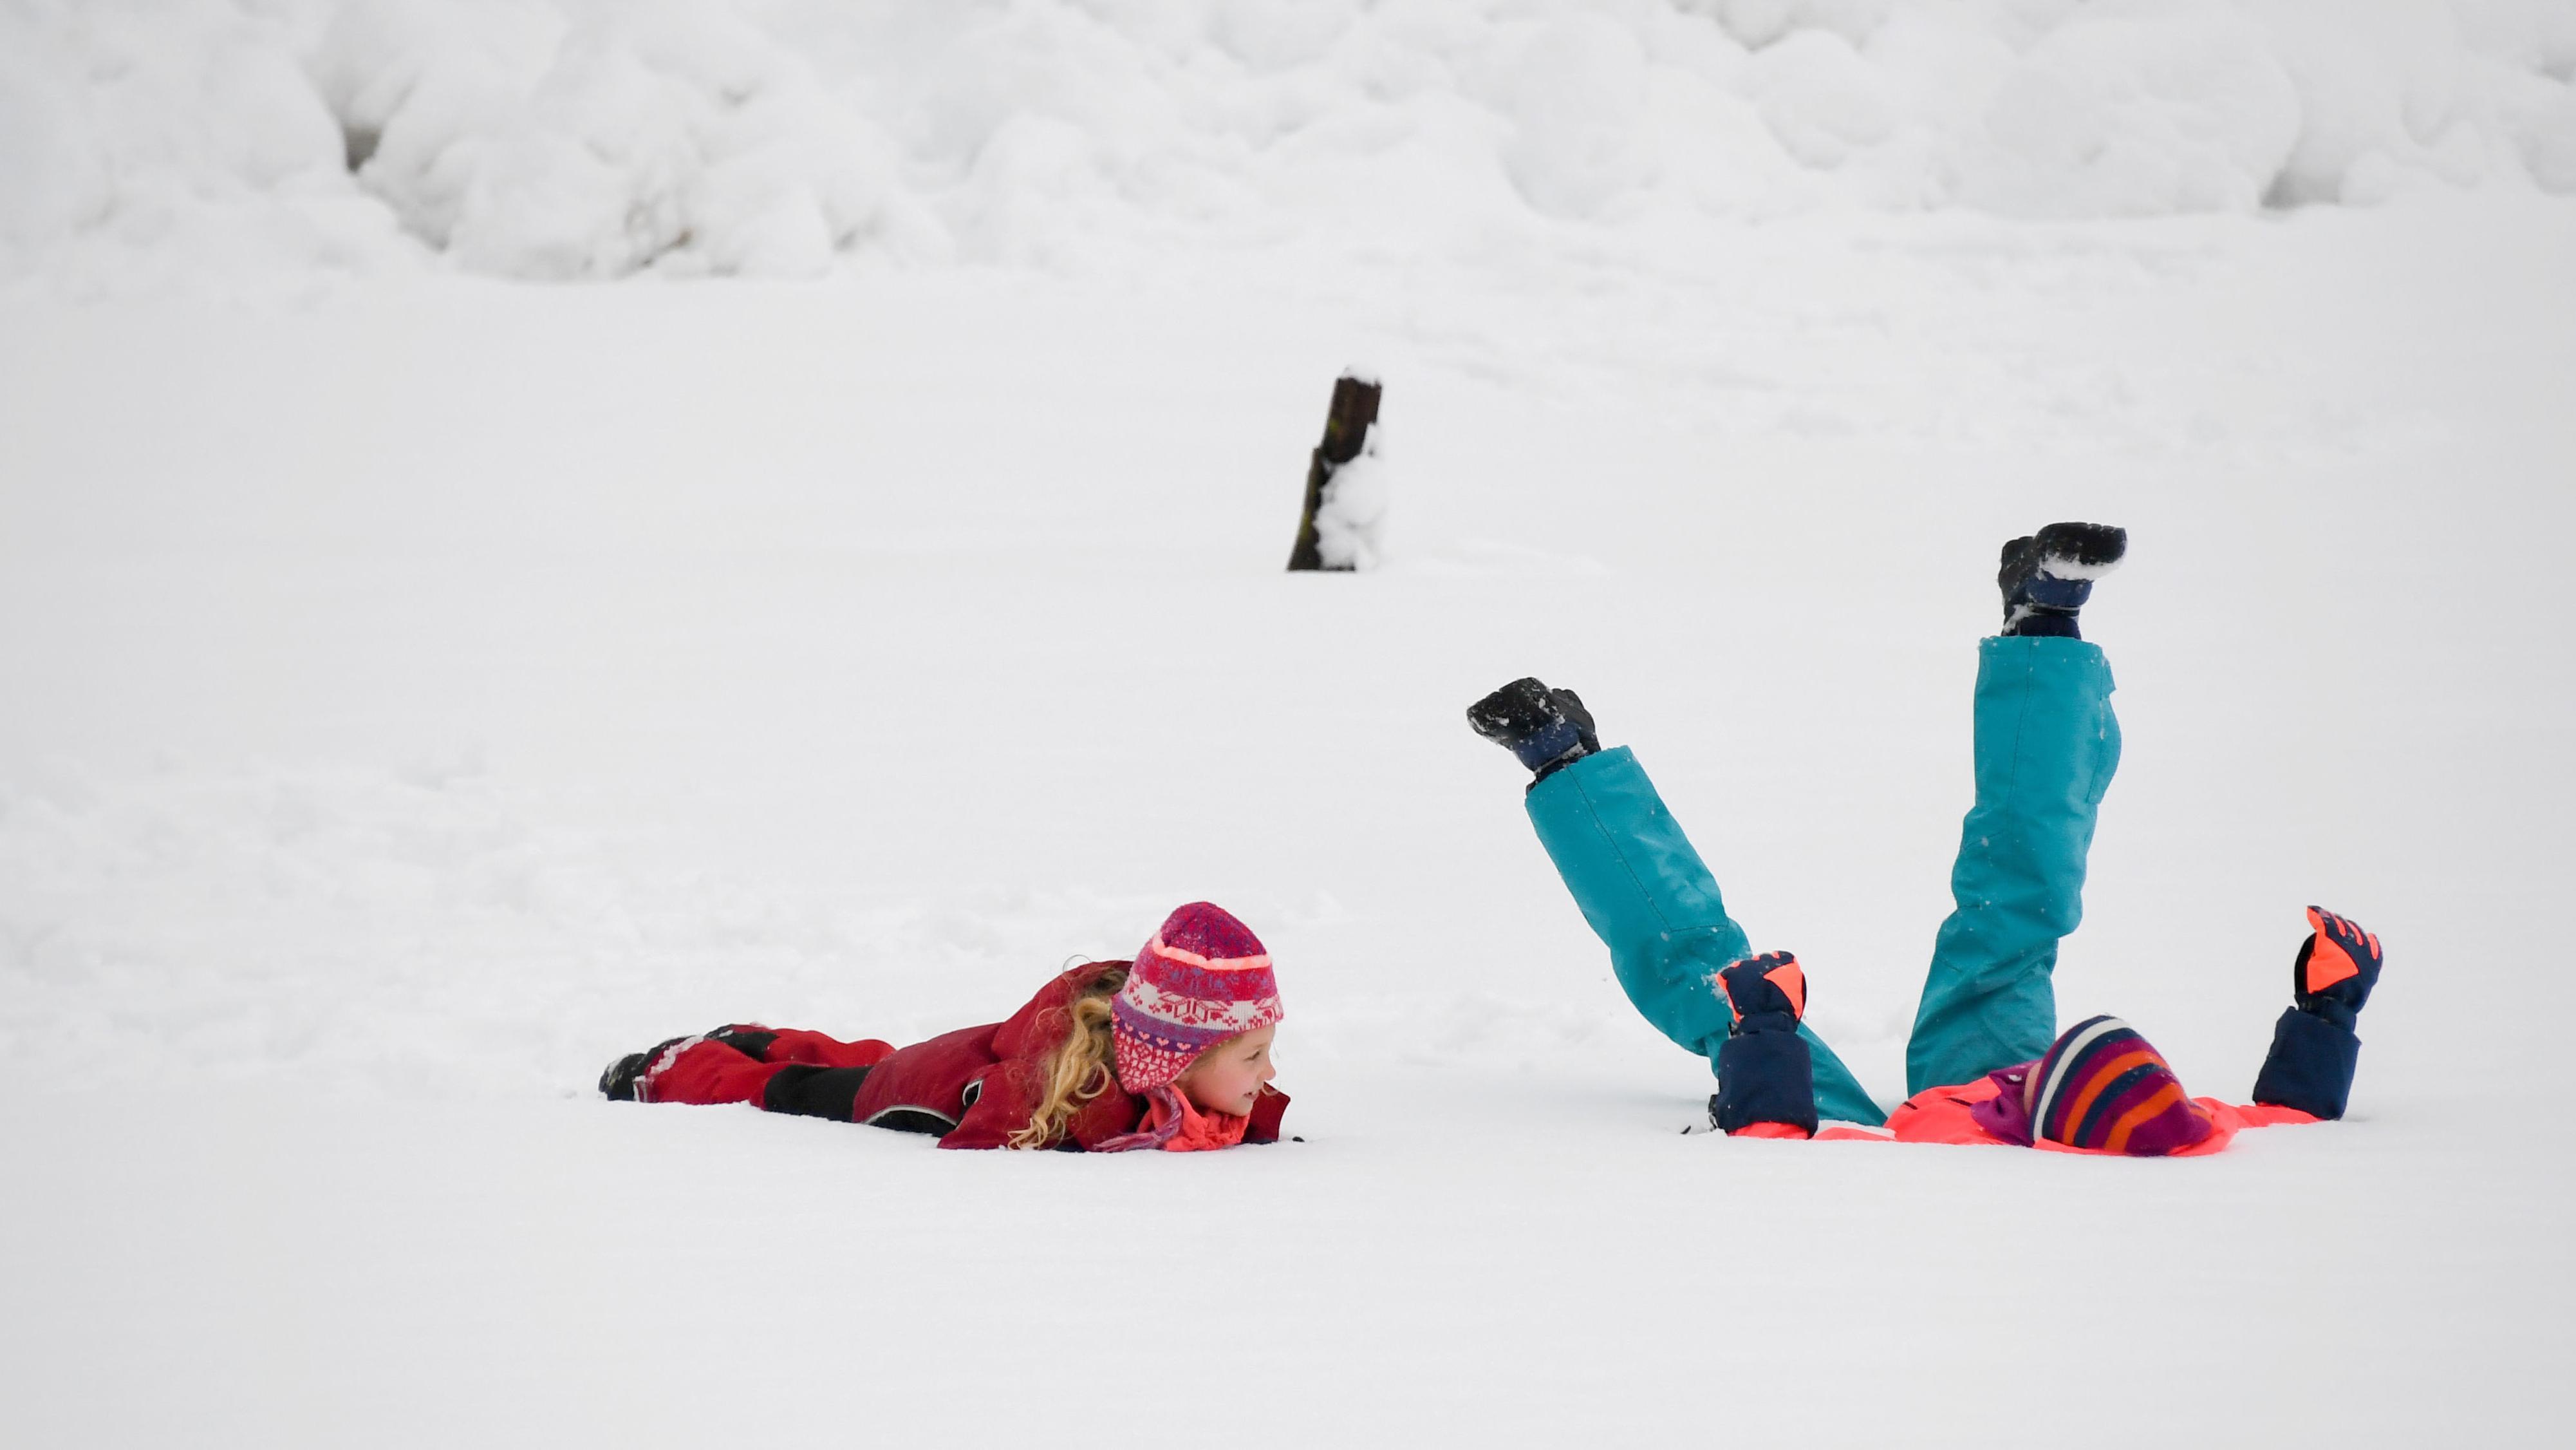 Traunstein: Zwei 8- und 10-jährige Mädchen in bunter Winterkleidung liegen im Schnee